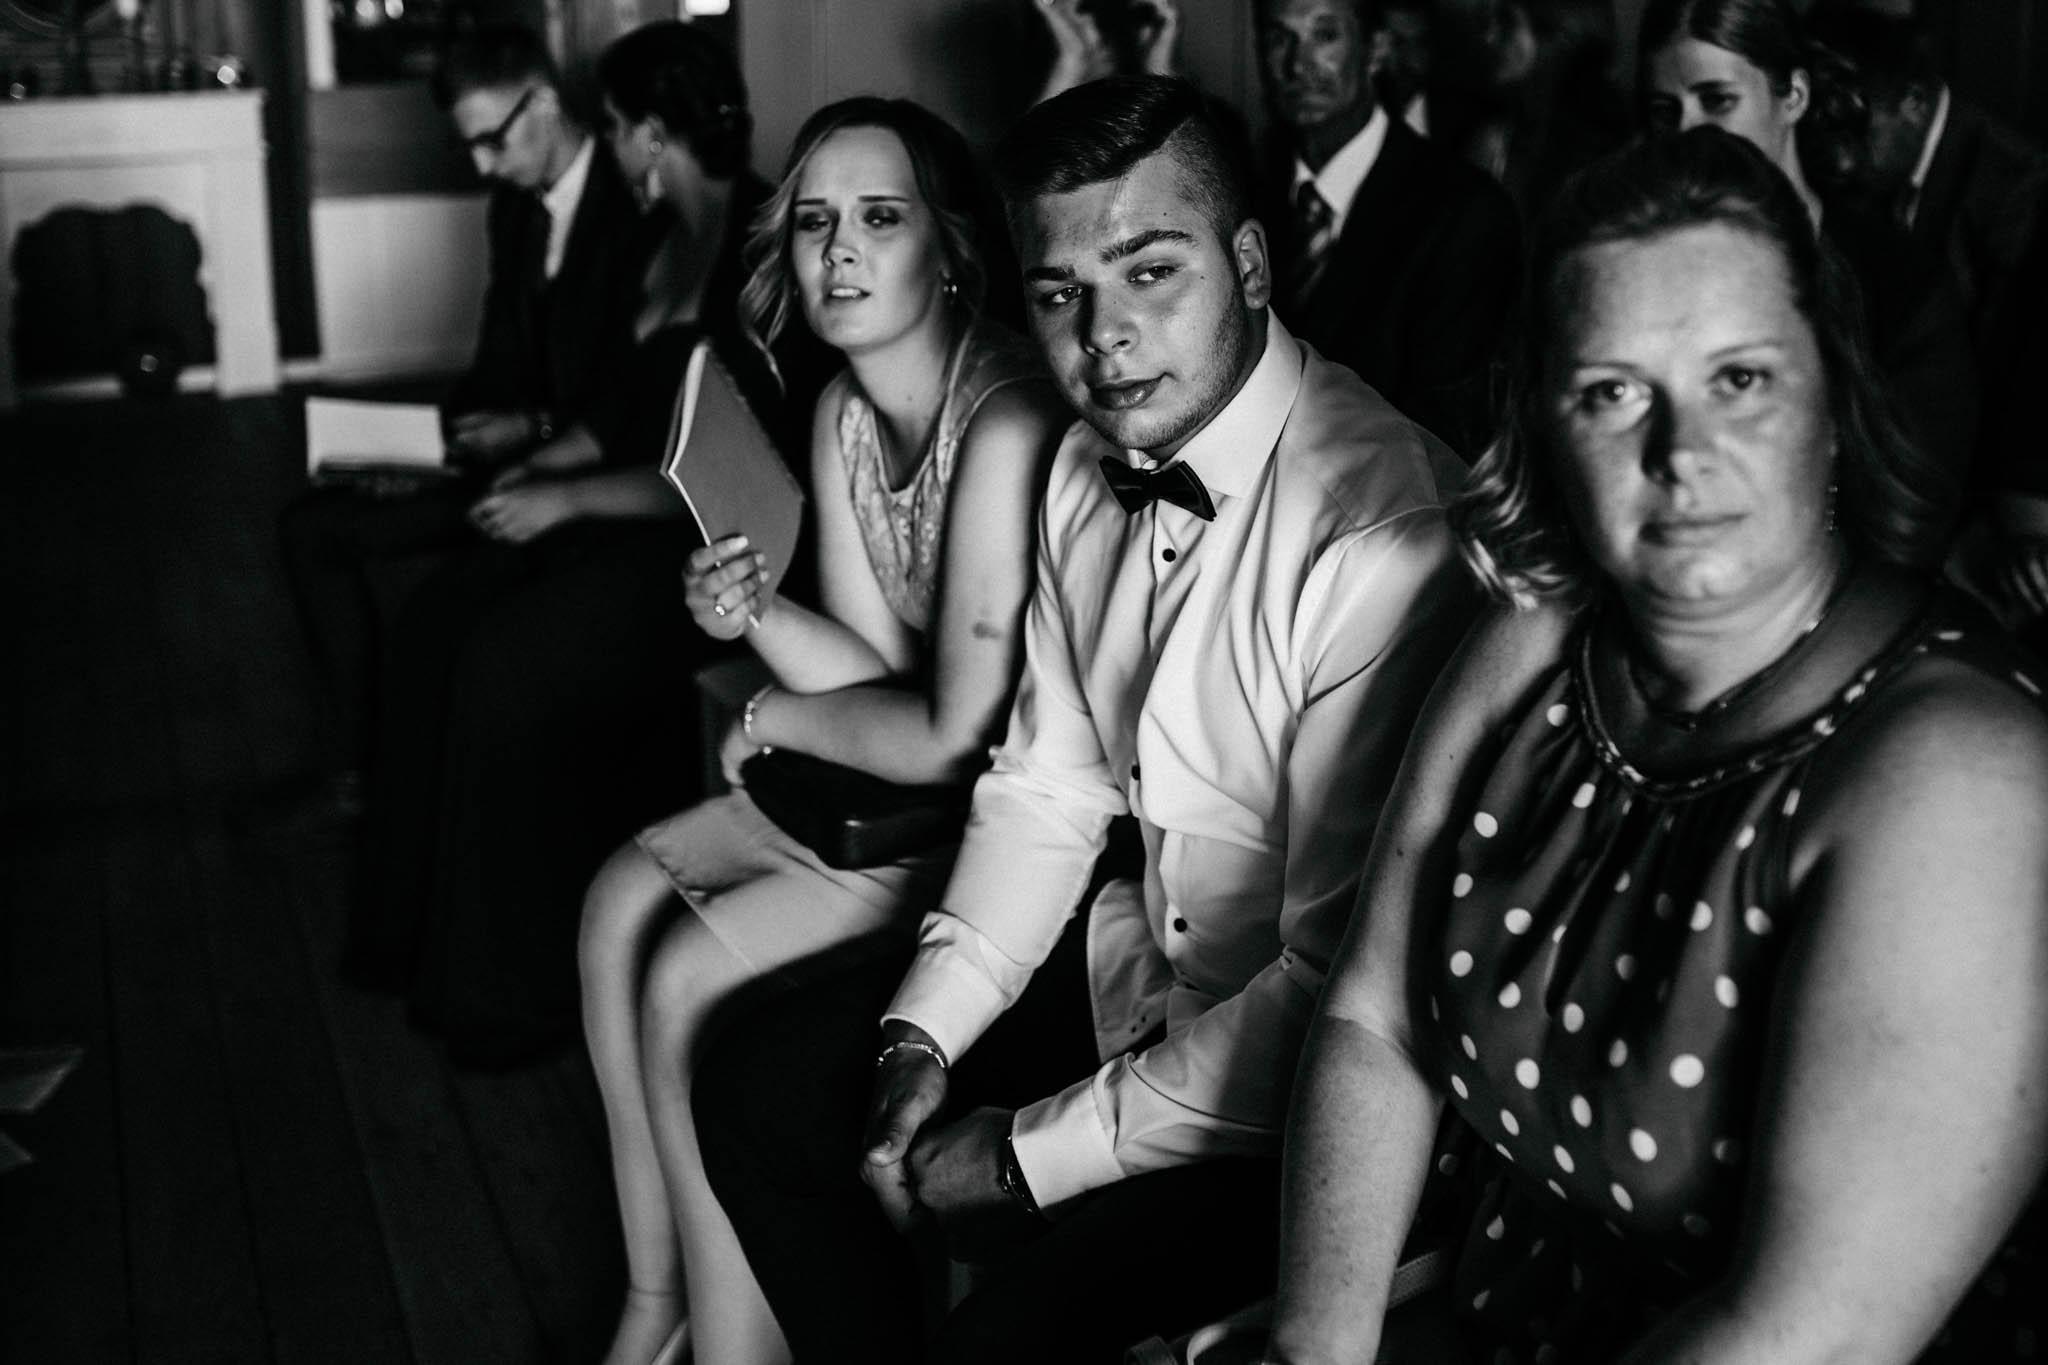 Hochzeitsfieber by Photo-Schomburg, Hoichzeitsfotograf, Hamburg, Wedding, Weddingtime, Hochzeitspaar, Braut, Bräutigam, Hochzeit im Norden,-38